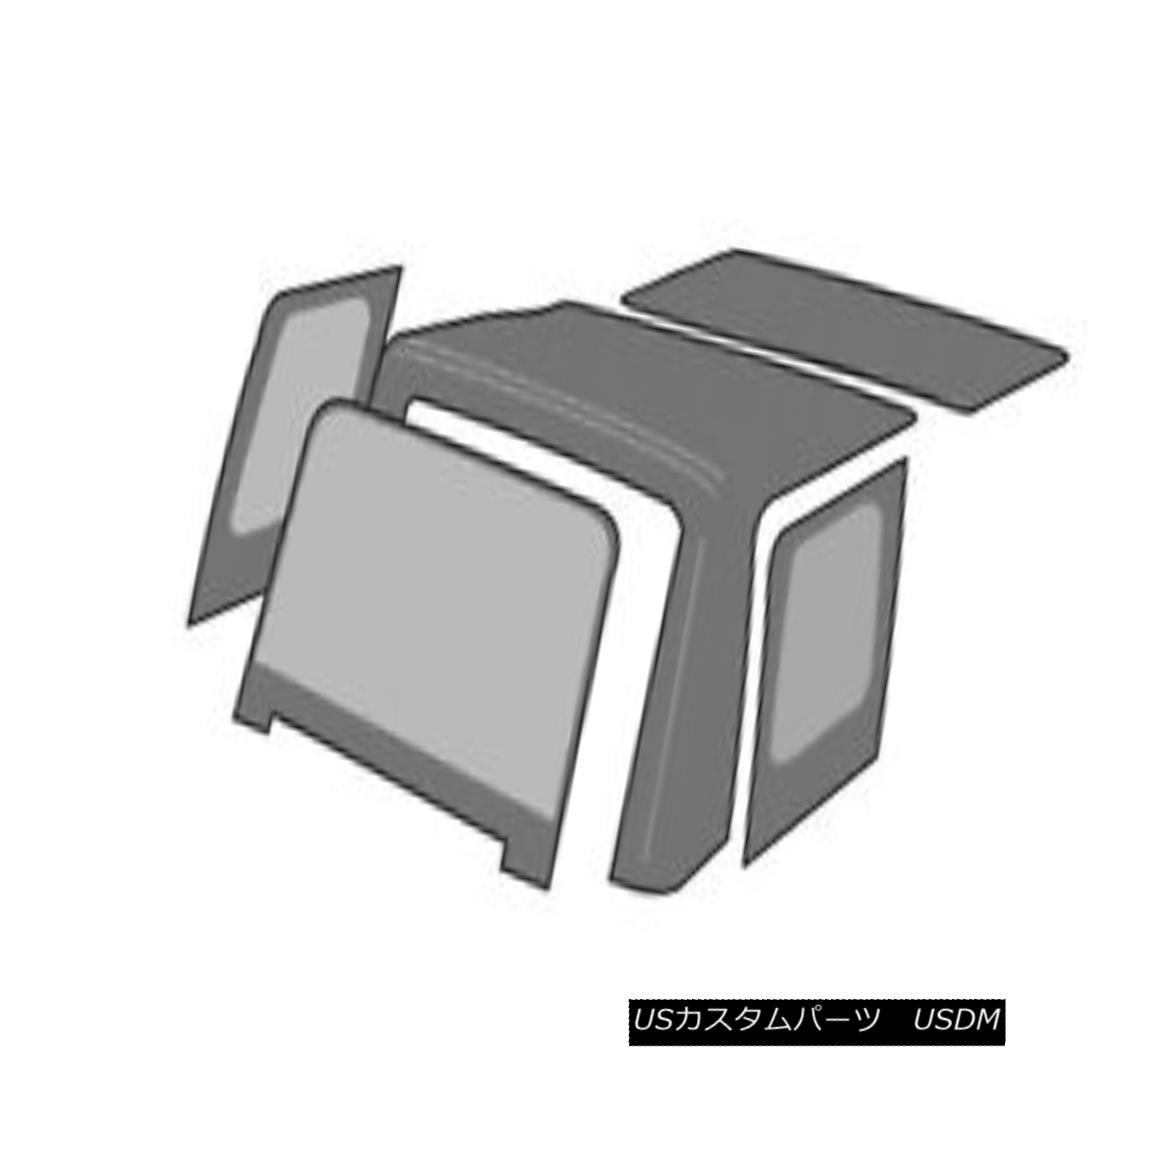 幌・ソフトトップ Rampage 912917 Factory Replacement Soft Top Fits 97-06 Wrangler (TJ) Rampage 912917工場交換ソフトトップフィット97-06 Wrangler(TJ)